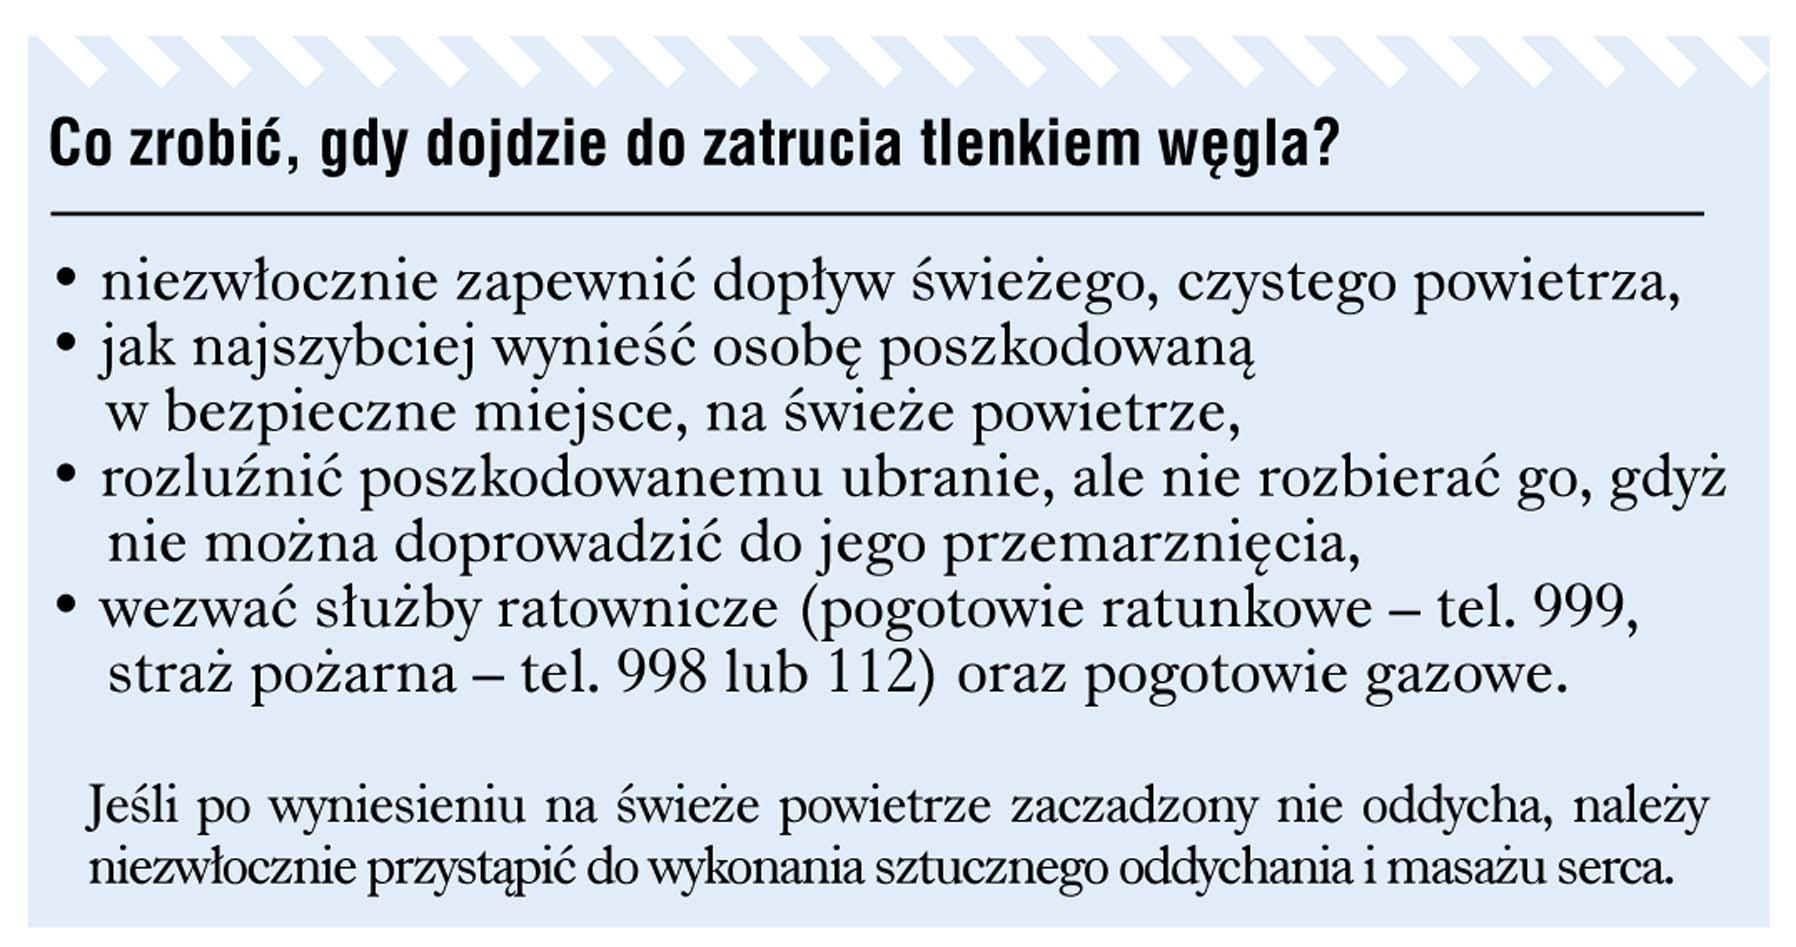 czad_ramka